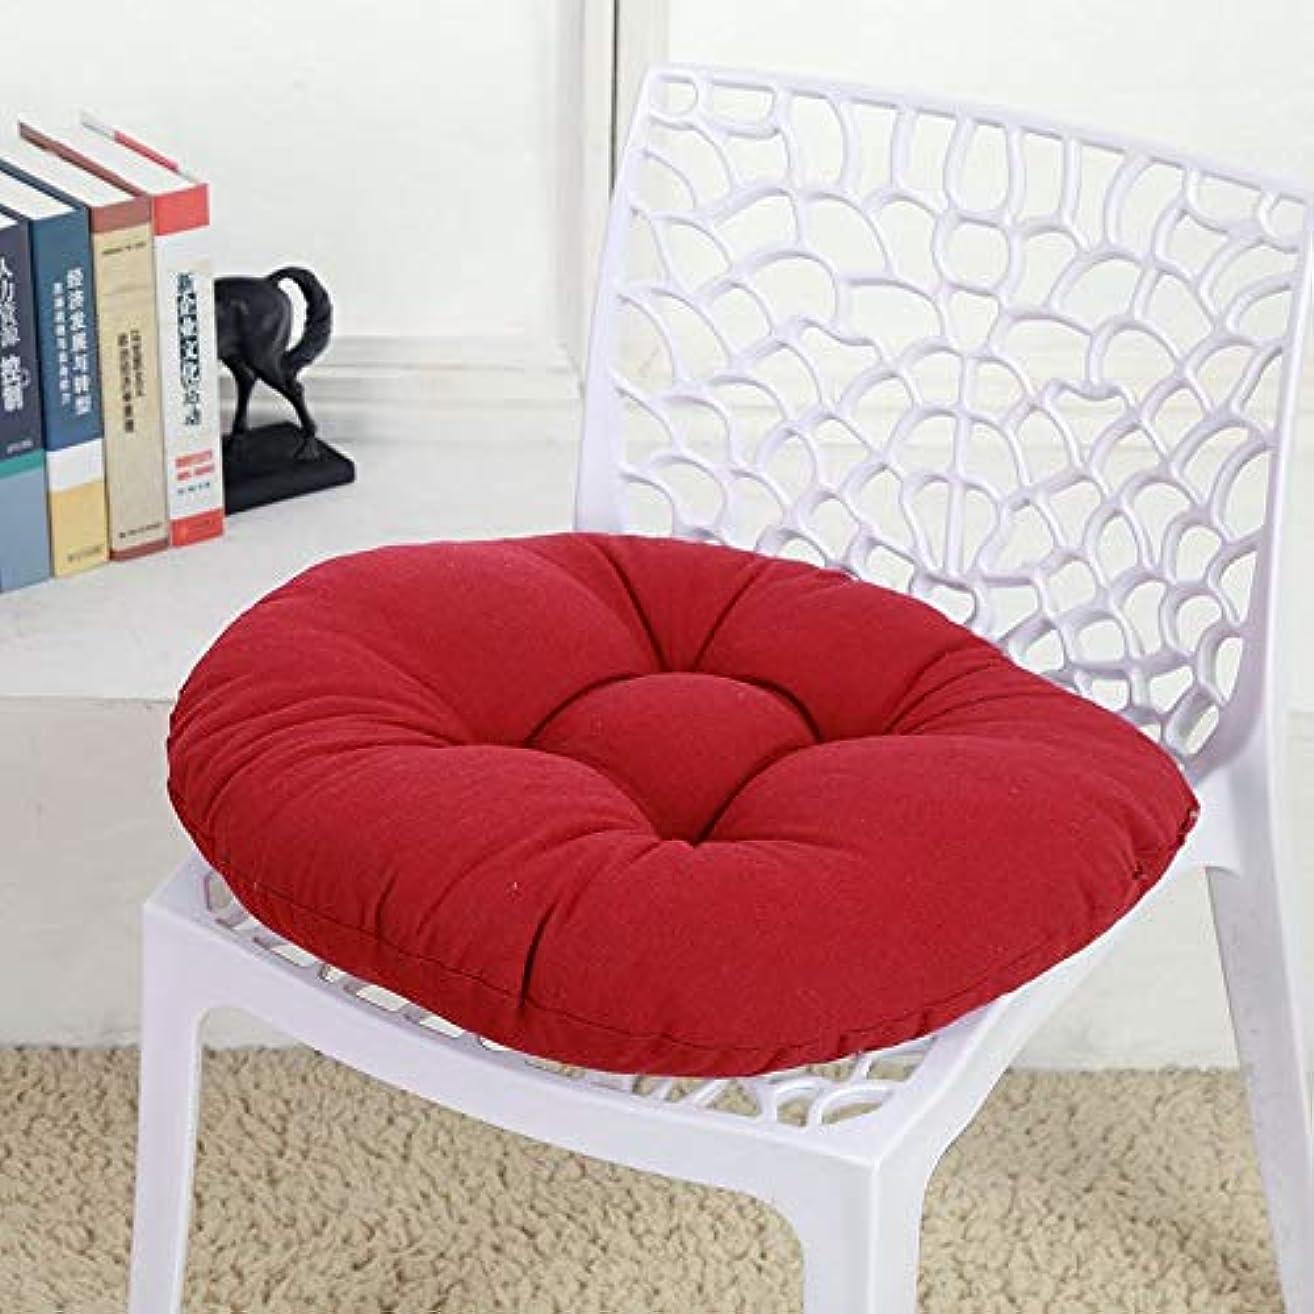 換気好意咲くLIFE キャンディカラーのクッションラウンドシートクッション波ウィンドウシートクッションクッション家の装飾パッドラウンド枕シート枕椅子座る枕 クッション 椅子